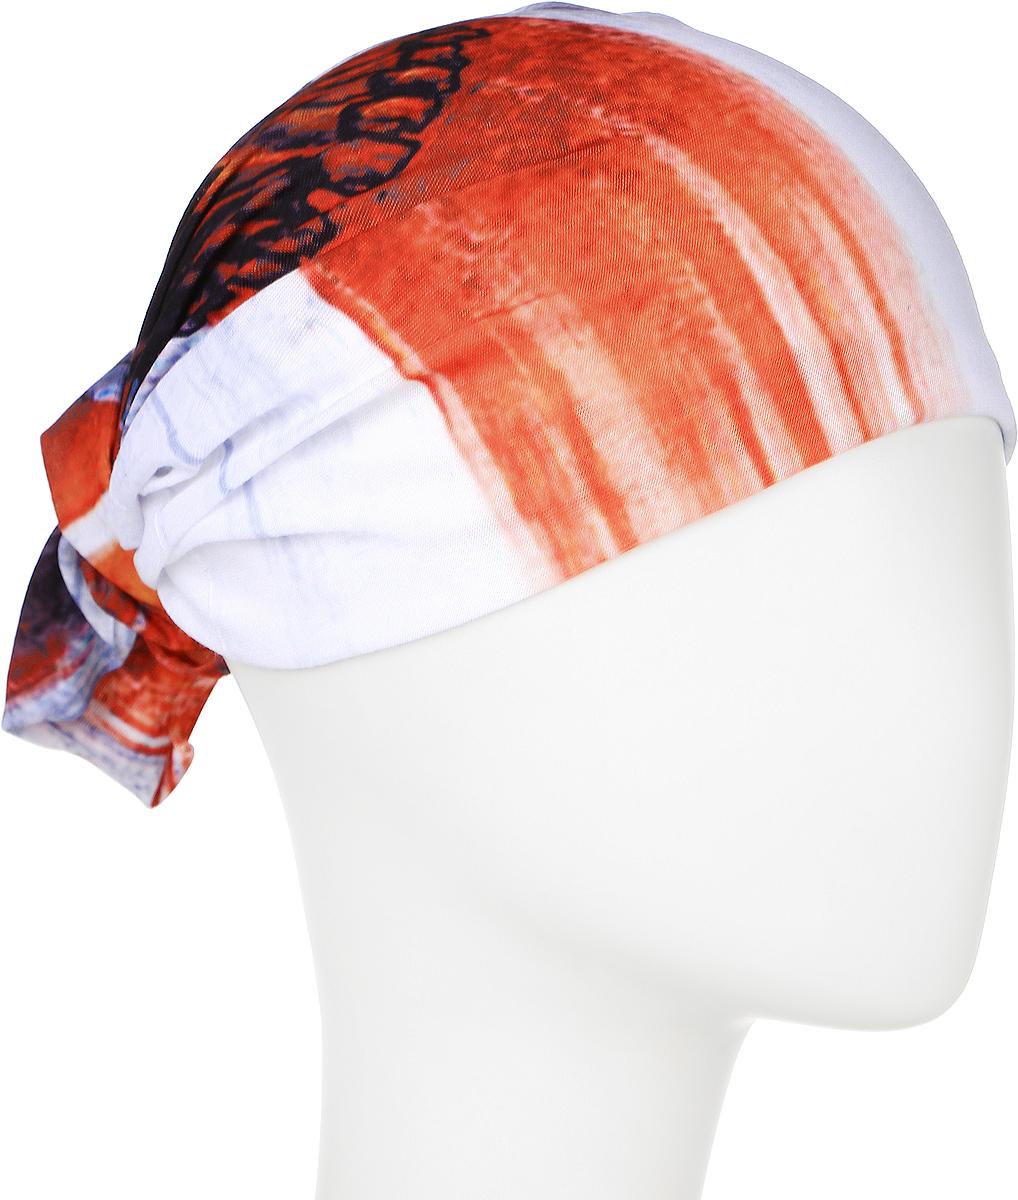 Шарф YusliQ, цвет: белый, оранжевый. 17-52.1. Размер 46 см х 24 см17-52.1Мультишарфы YusliQ можно встретить под разными названиями: мультишарф, мультибандана, платок трансформер, Baff, но вне зависимости от того как Вы назовете этот аксессуар, его уникальные возможности останутся неизменными. Вы с легкостью и удобством можете одеть этот мультишарф на голову и шею 12 различными способами. В сильные морозы, пронизывающий ветер или пыльную бурю - с мультишарфом Вы будете готовы к любым капризам природы